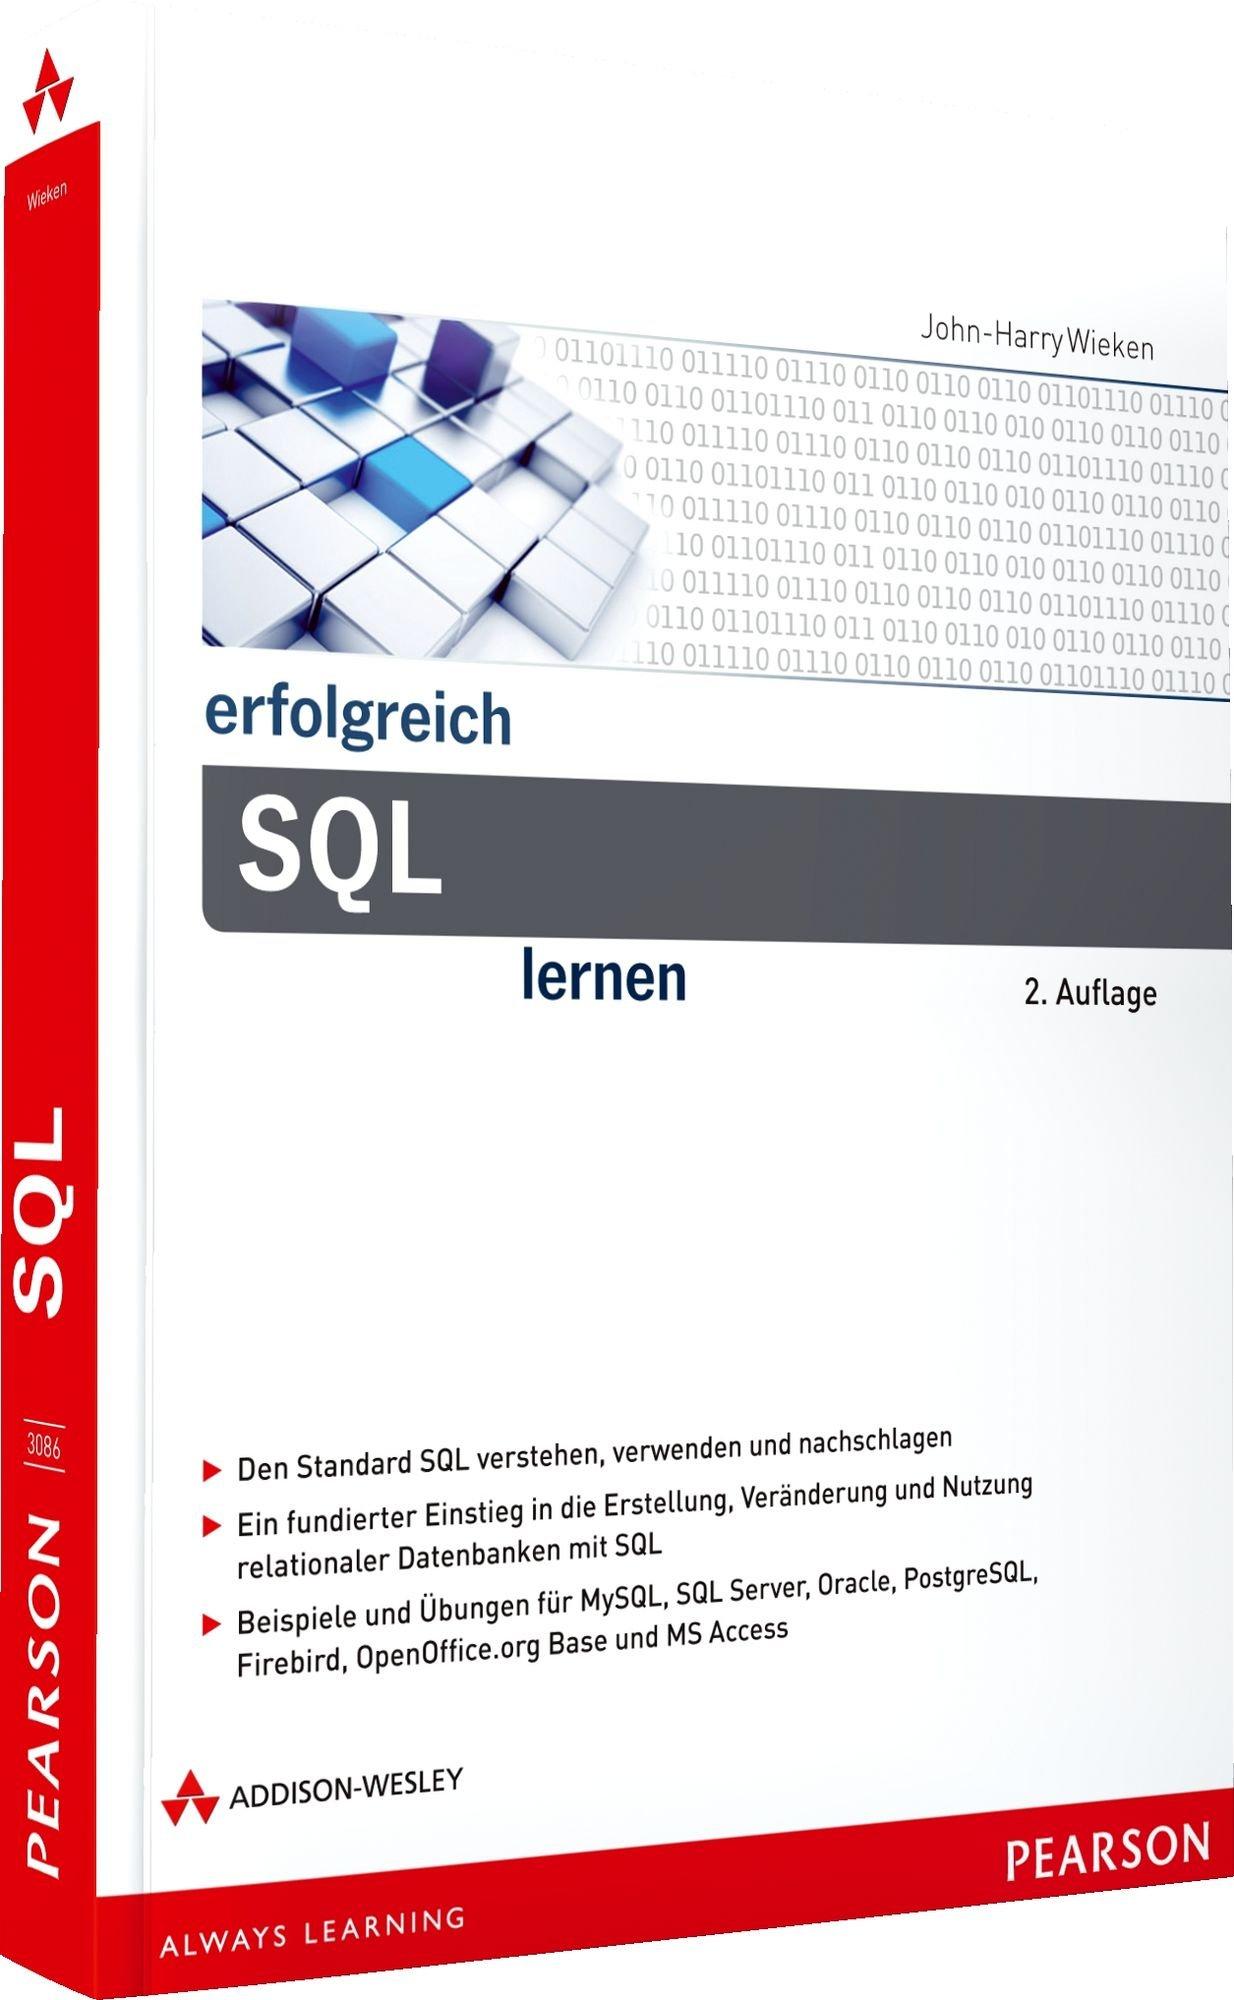 Erfolgreich SQL lernen (Erfolgreich mit …) Taschenbuch – 1. Februar 2012 John-Harry Wieken Addison-Wesley Verlag 3827330866 Programmiersprachen